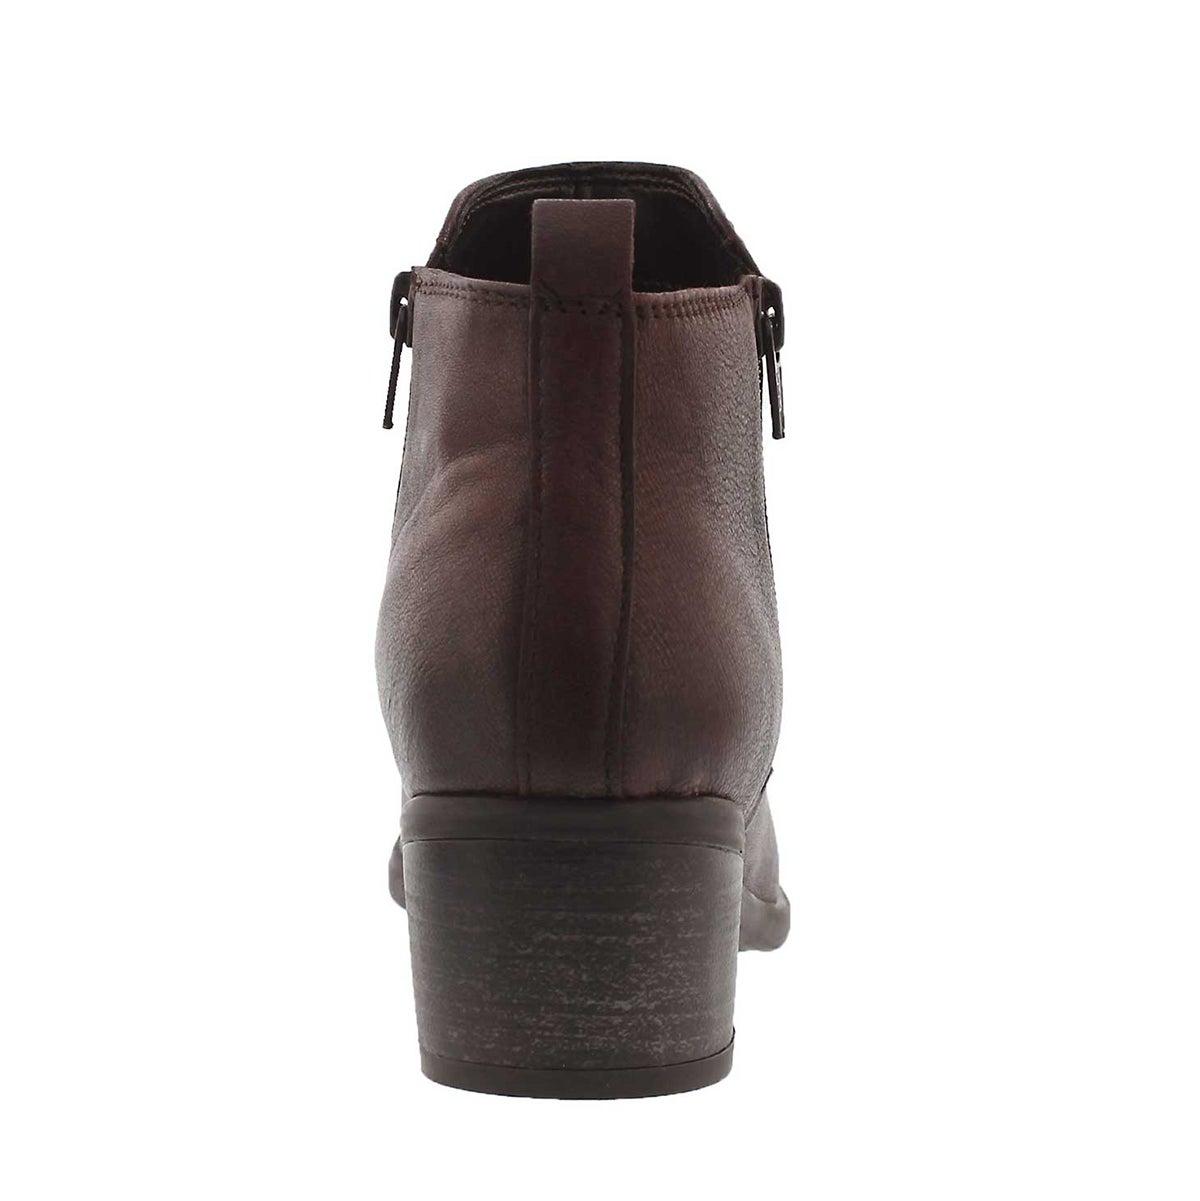 Lds Davina burg double side zip bootie